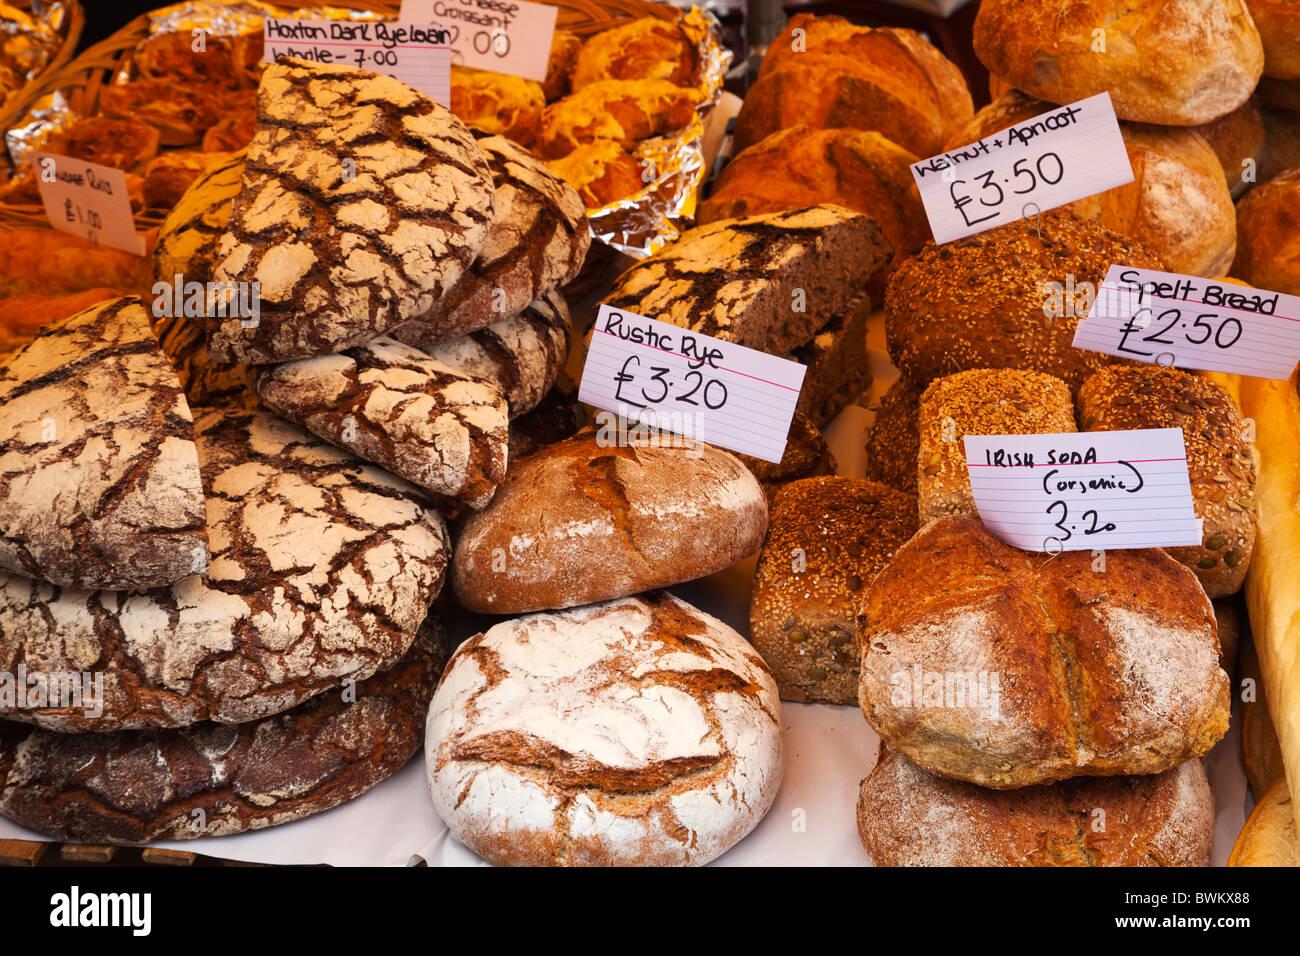 Selection of locally made breads whole grain bread at Portobello Road market - Stock Image